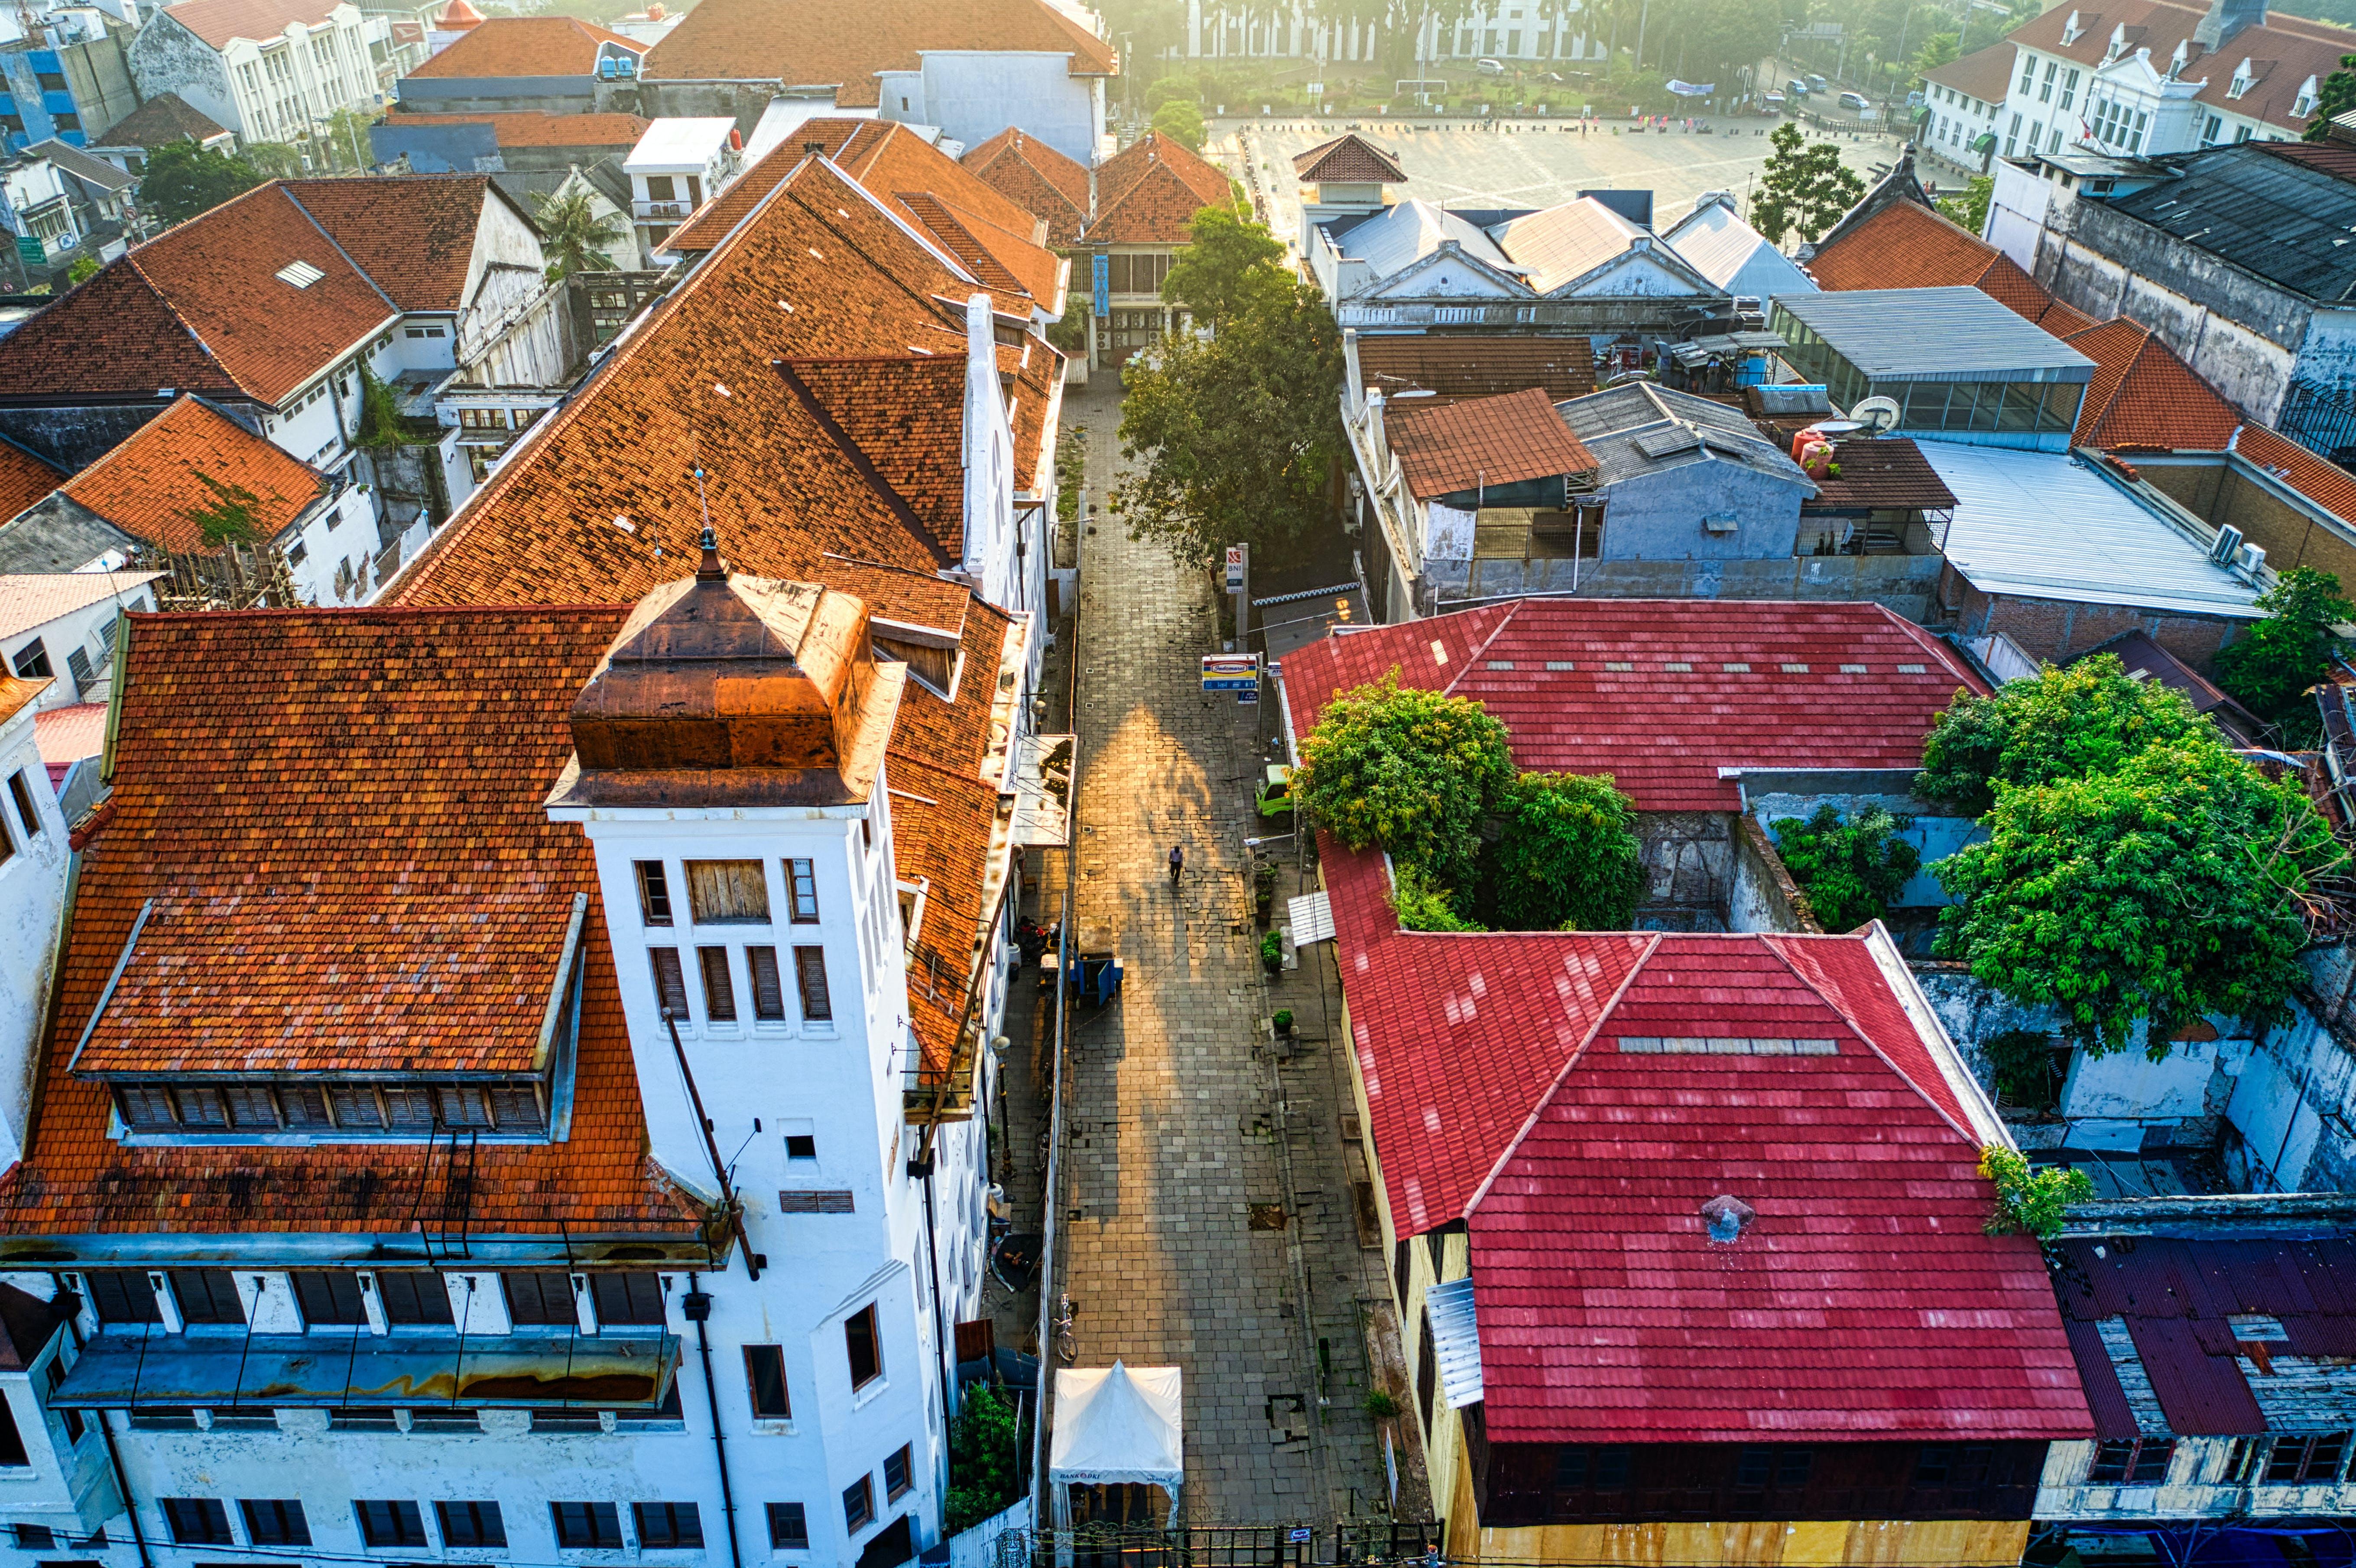 거리, 건물, 건물 외관, 건축의 무료 스톡 사진